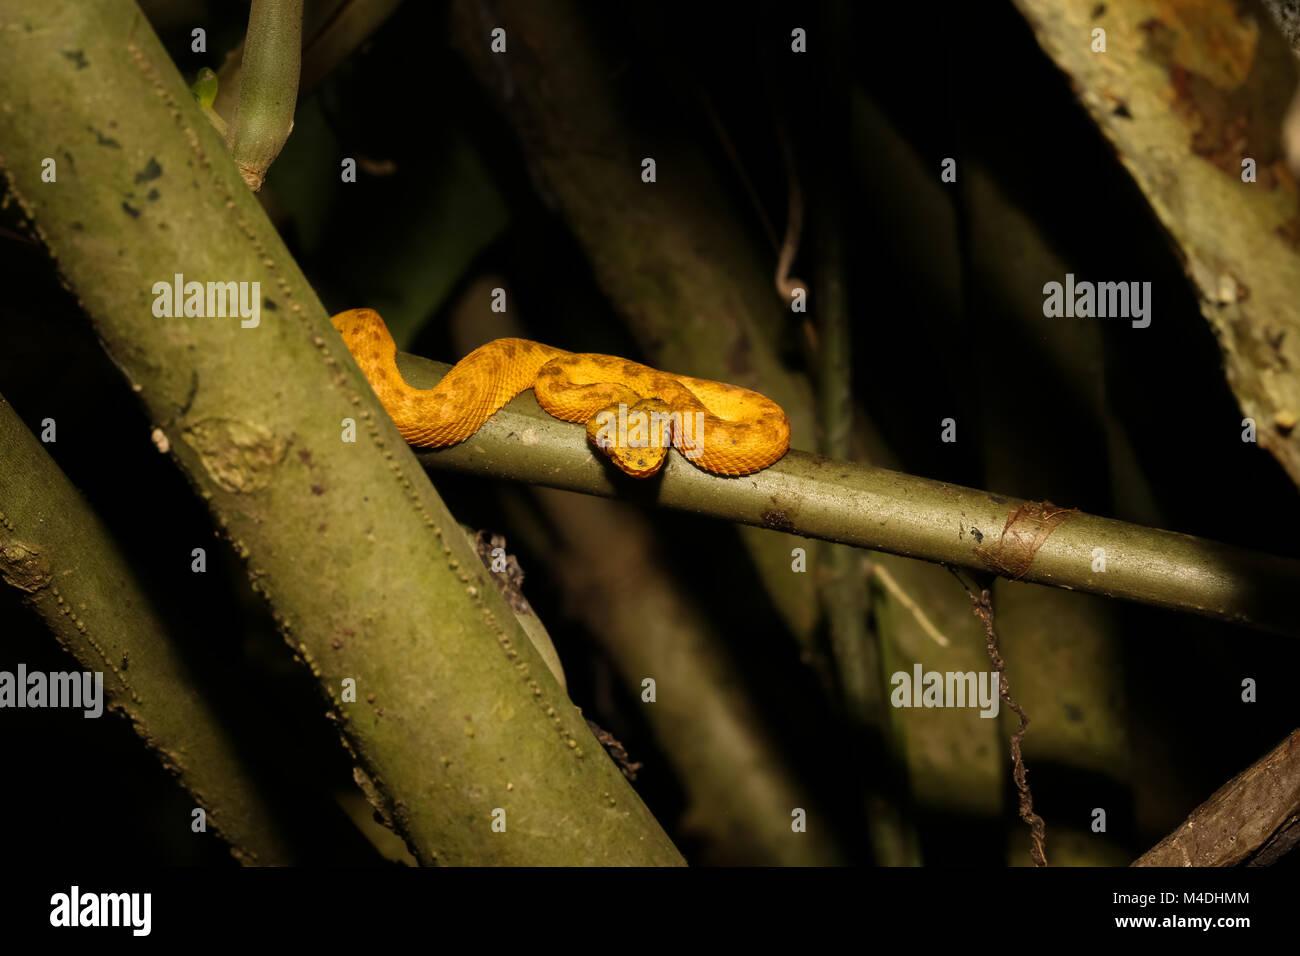 Tintura ciglia Pitviper in Costa Rica Foto Stock